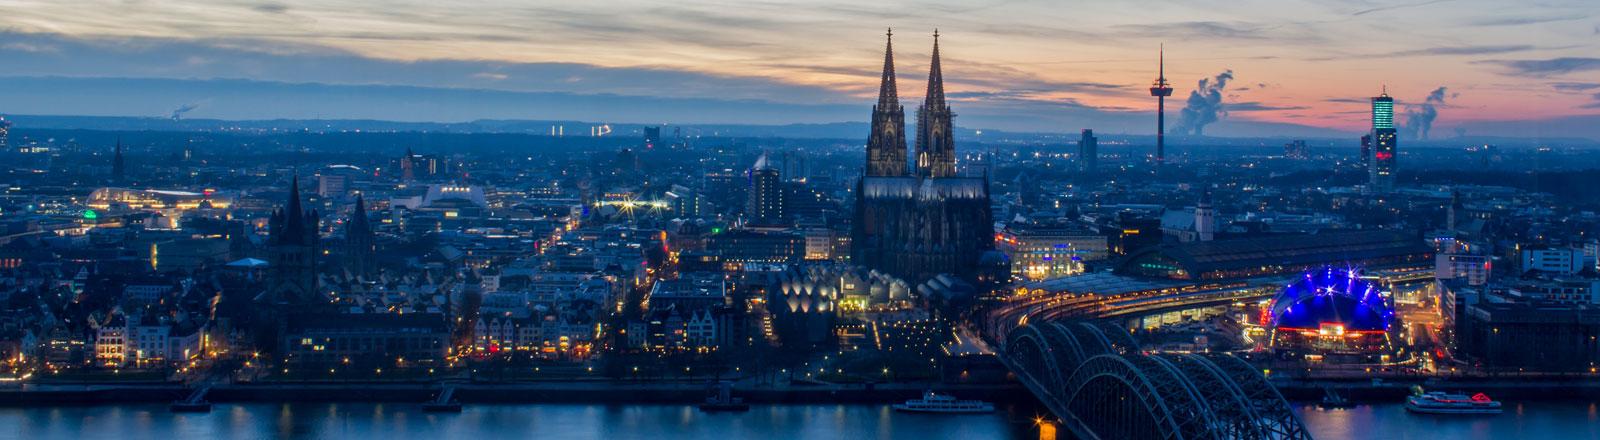 Der Kölner Dom in der Dämmerung.